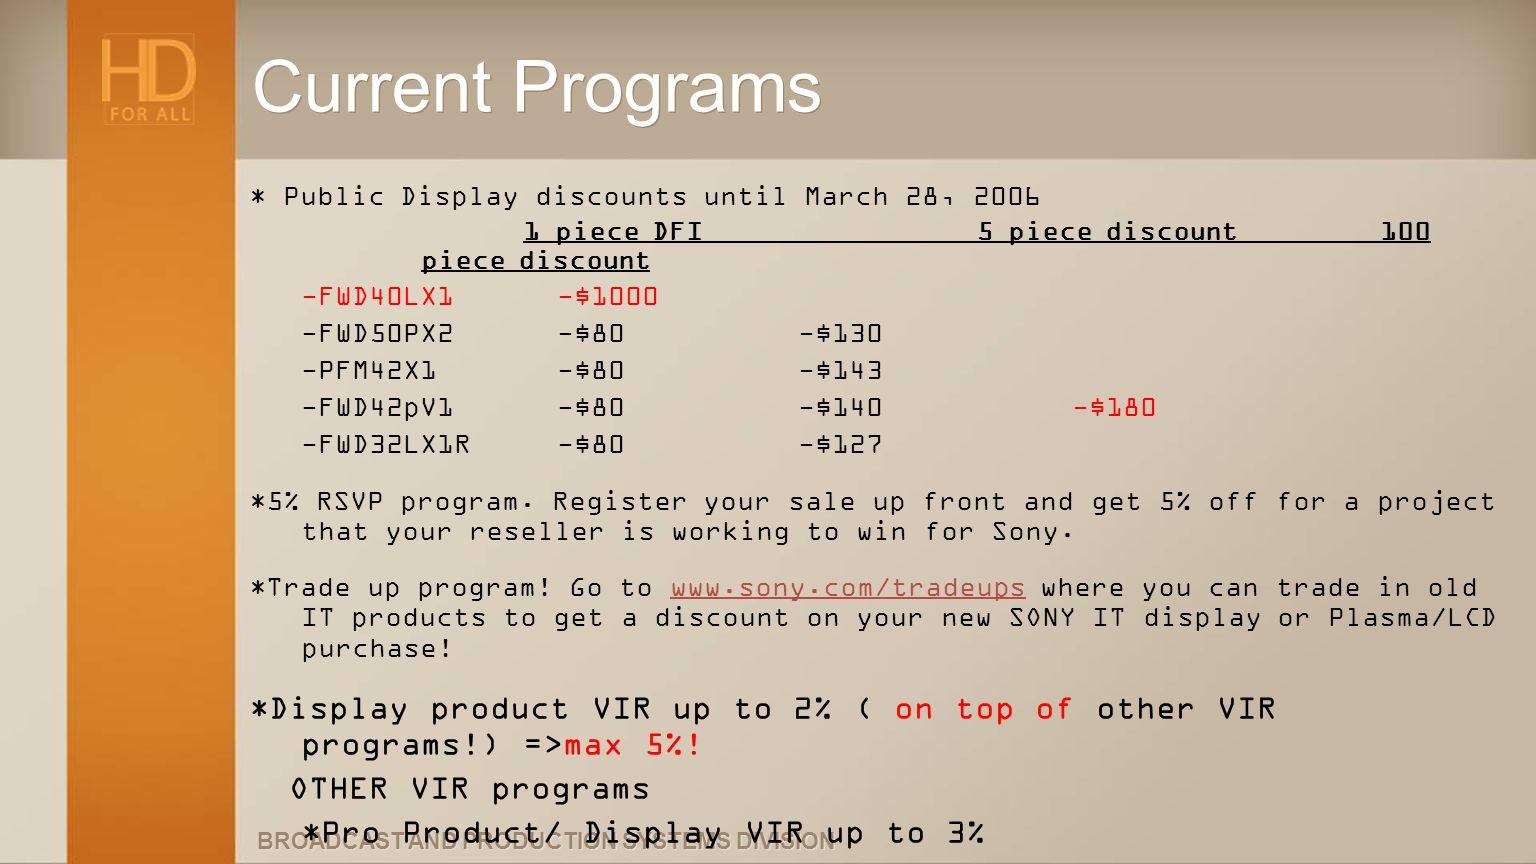 Current Programs* Public Display discounts until March 28, 2006. 1 piece DFI 5 piece discount 100 piece discount.